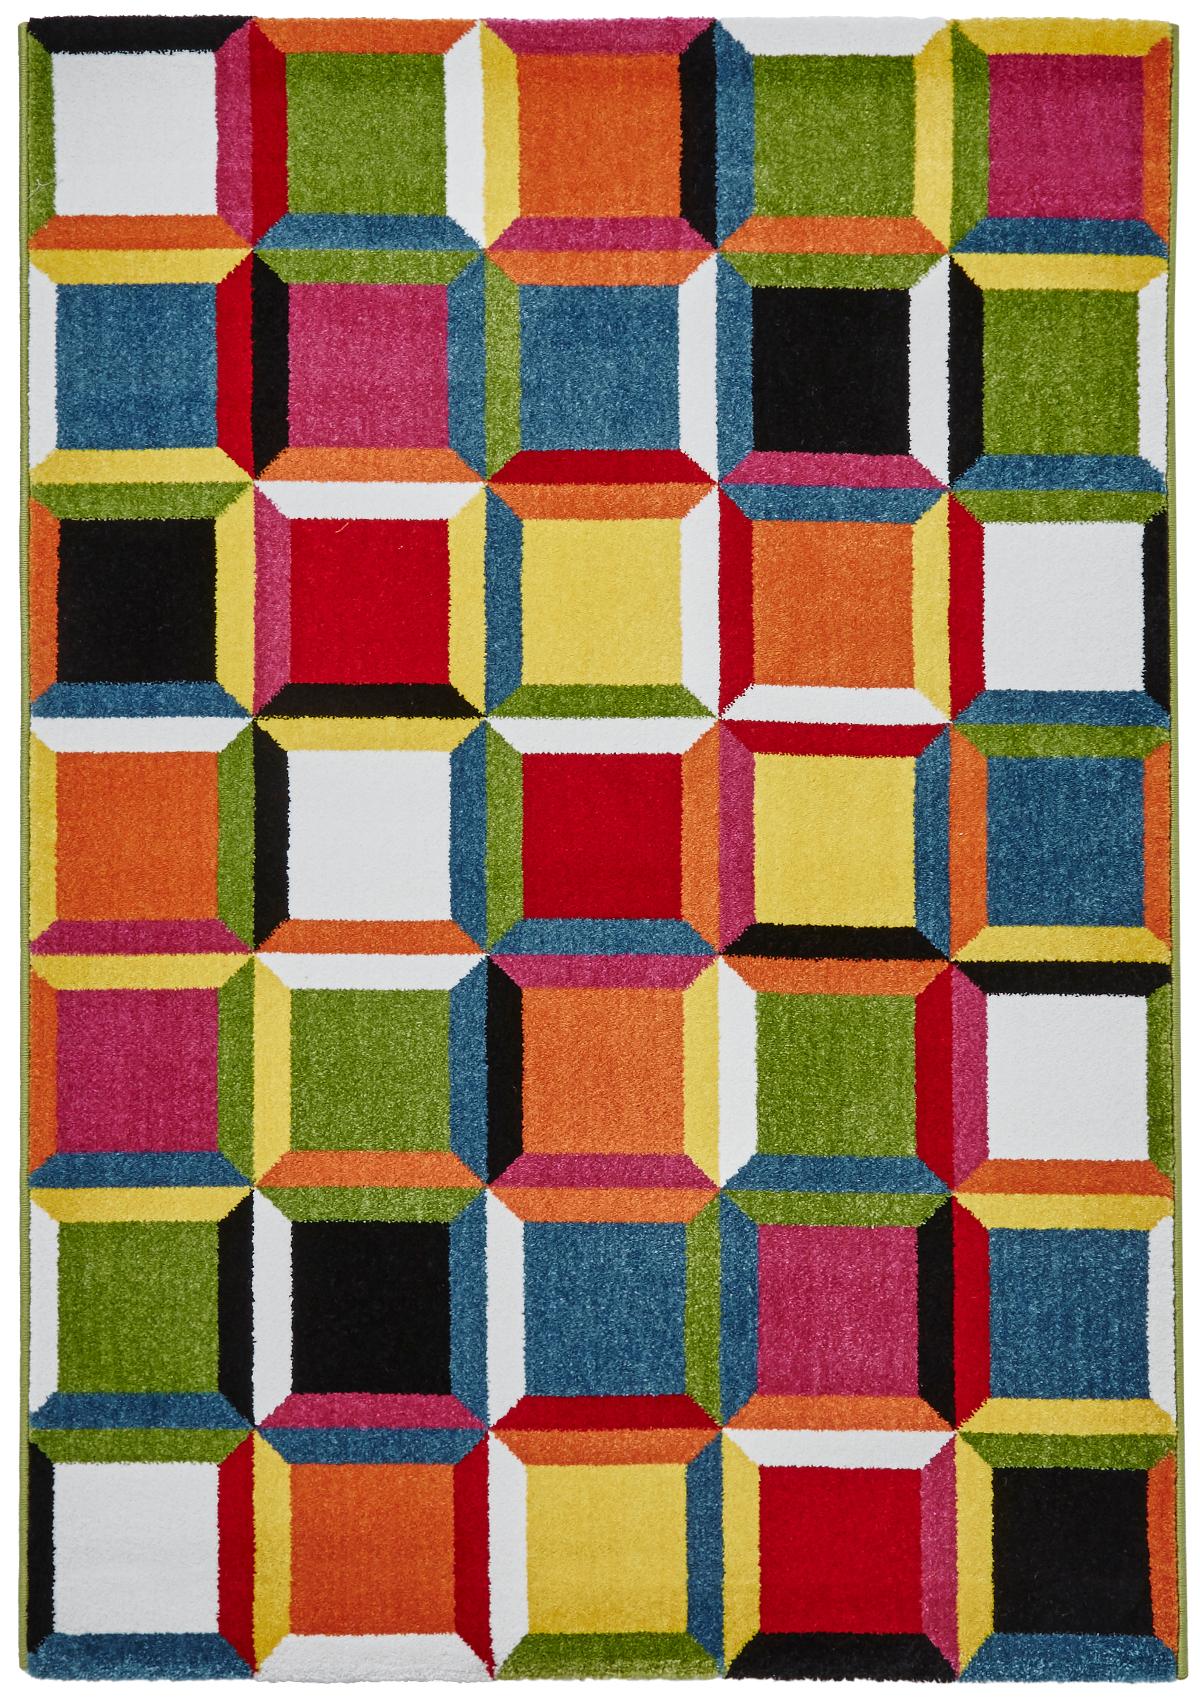 Vibrant Modern Sunrise Rug Bright Multi Coloured Floor Mat Home